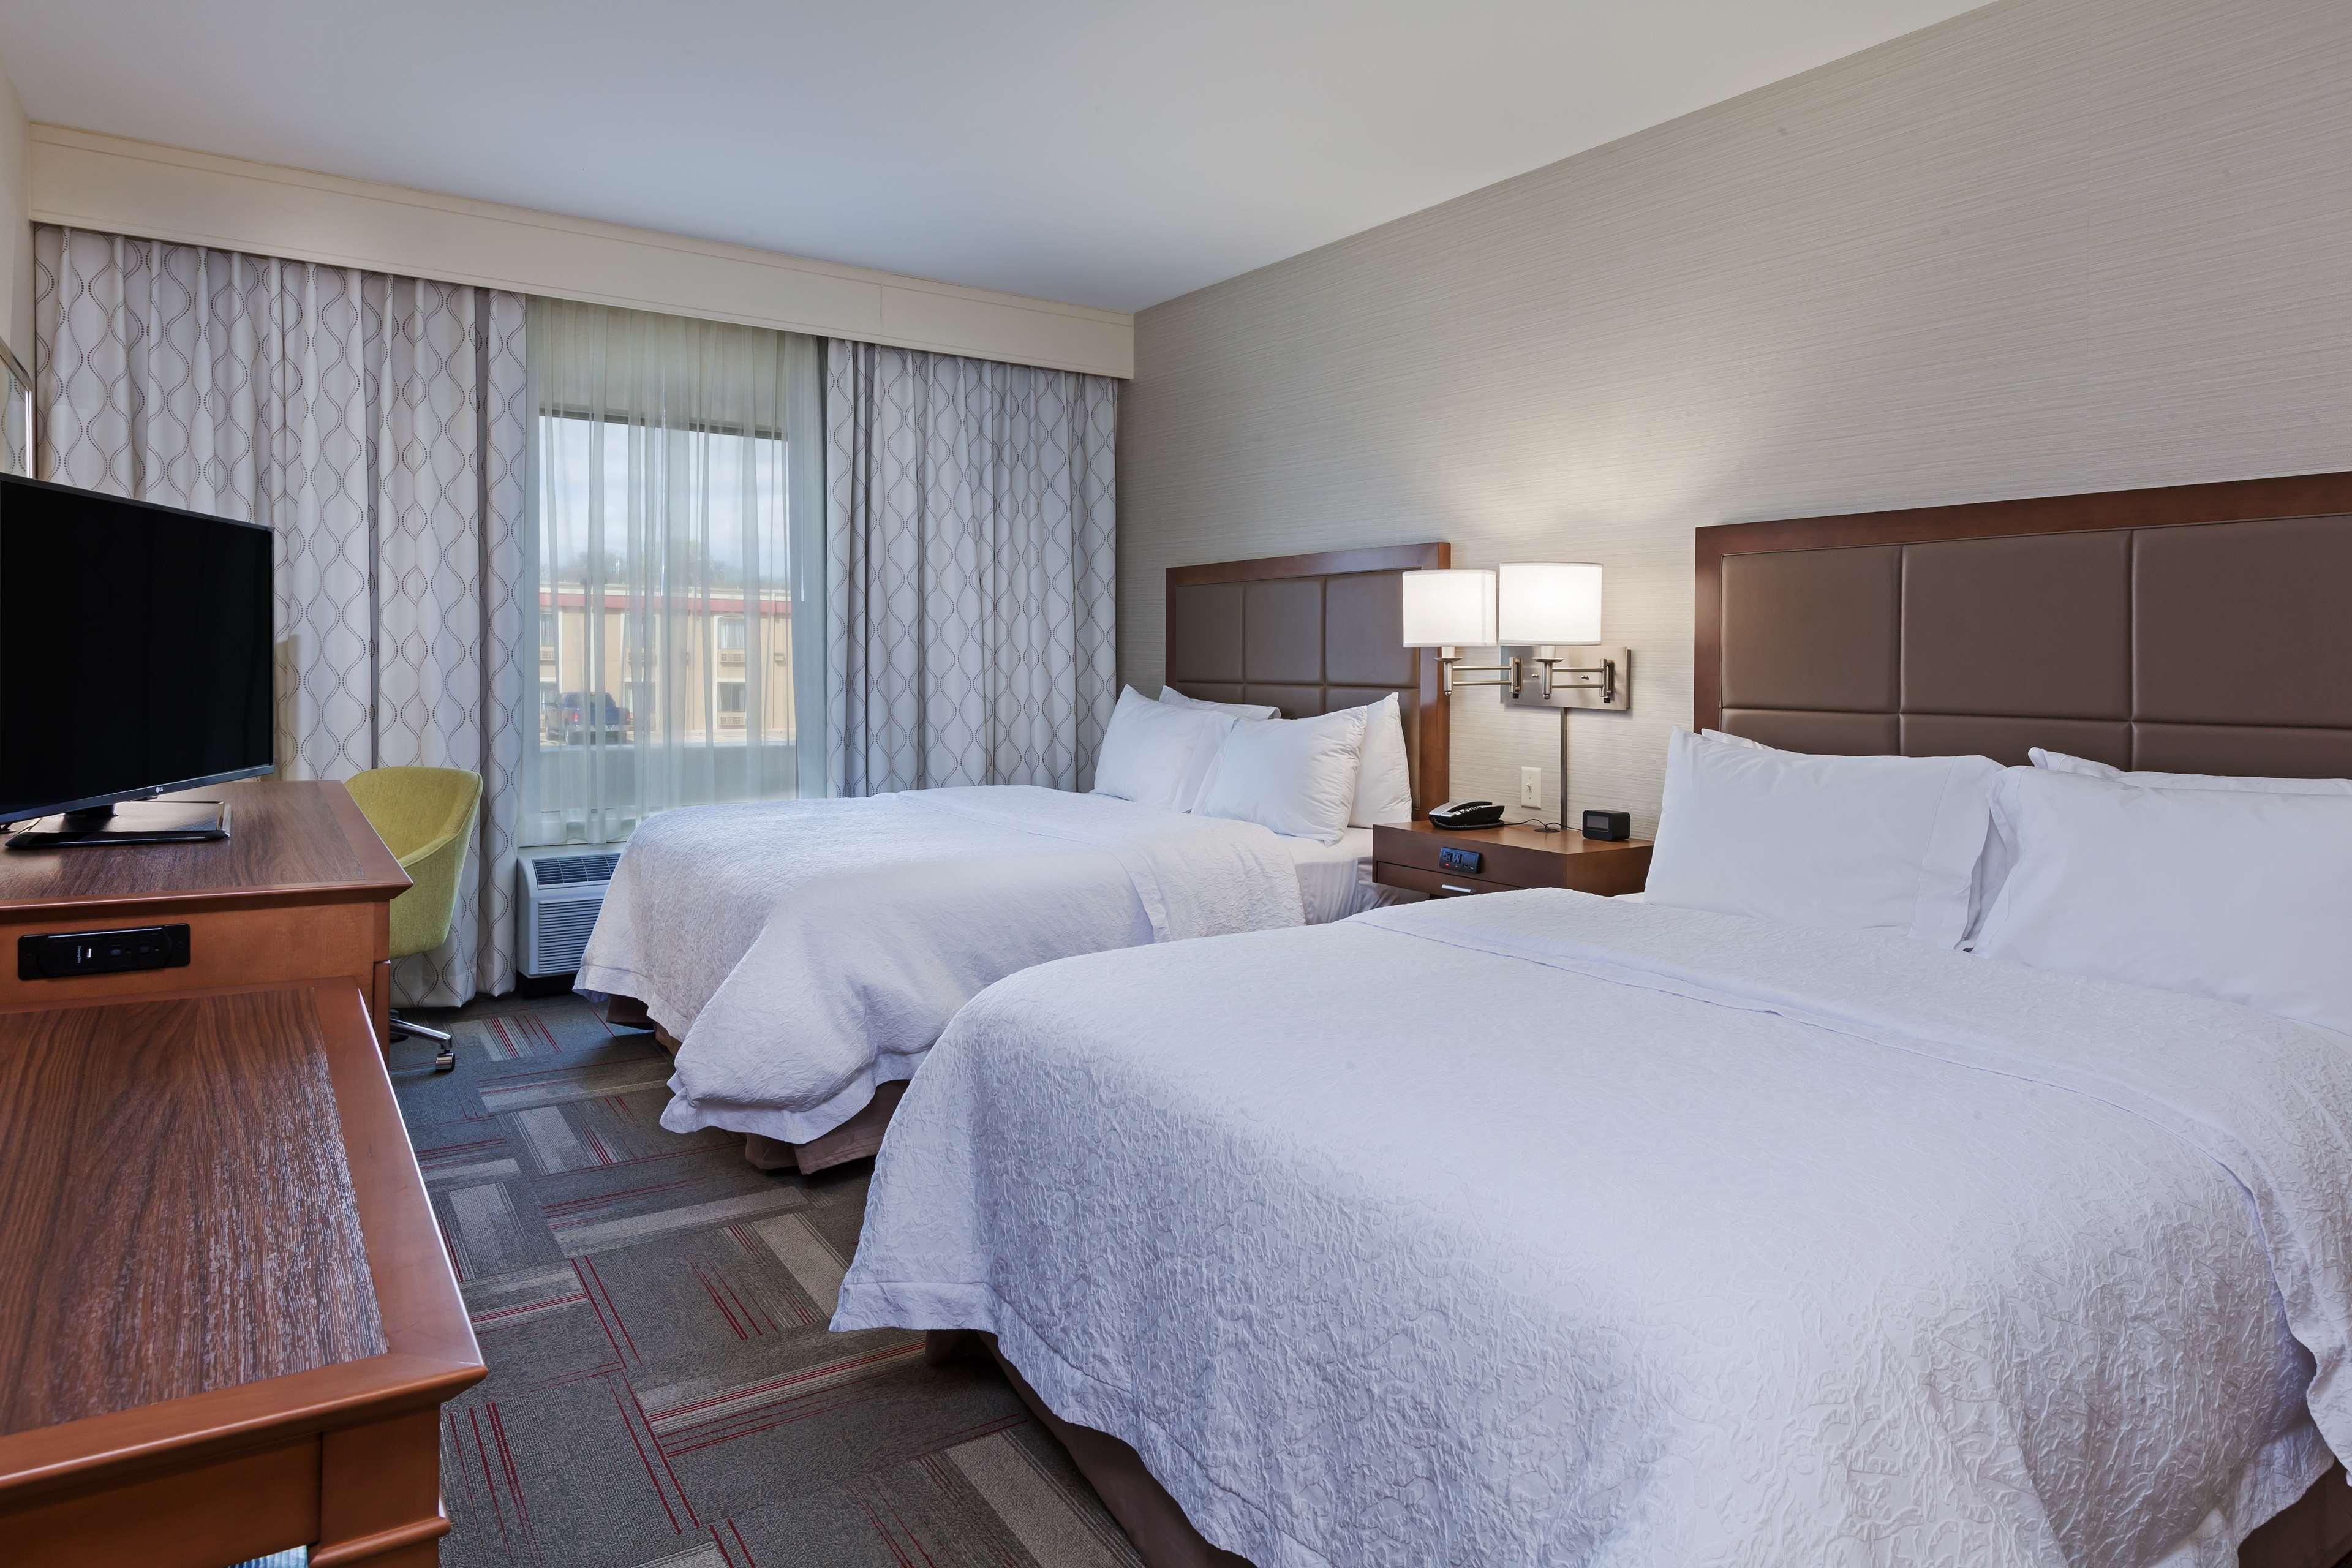 Hampton Inn & Suites Claremore image 23